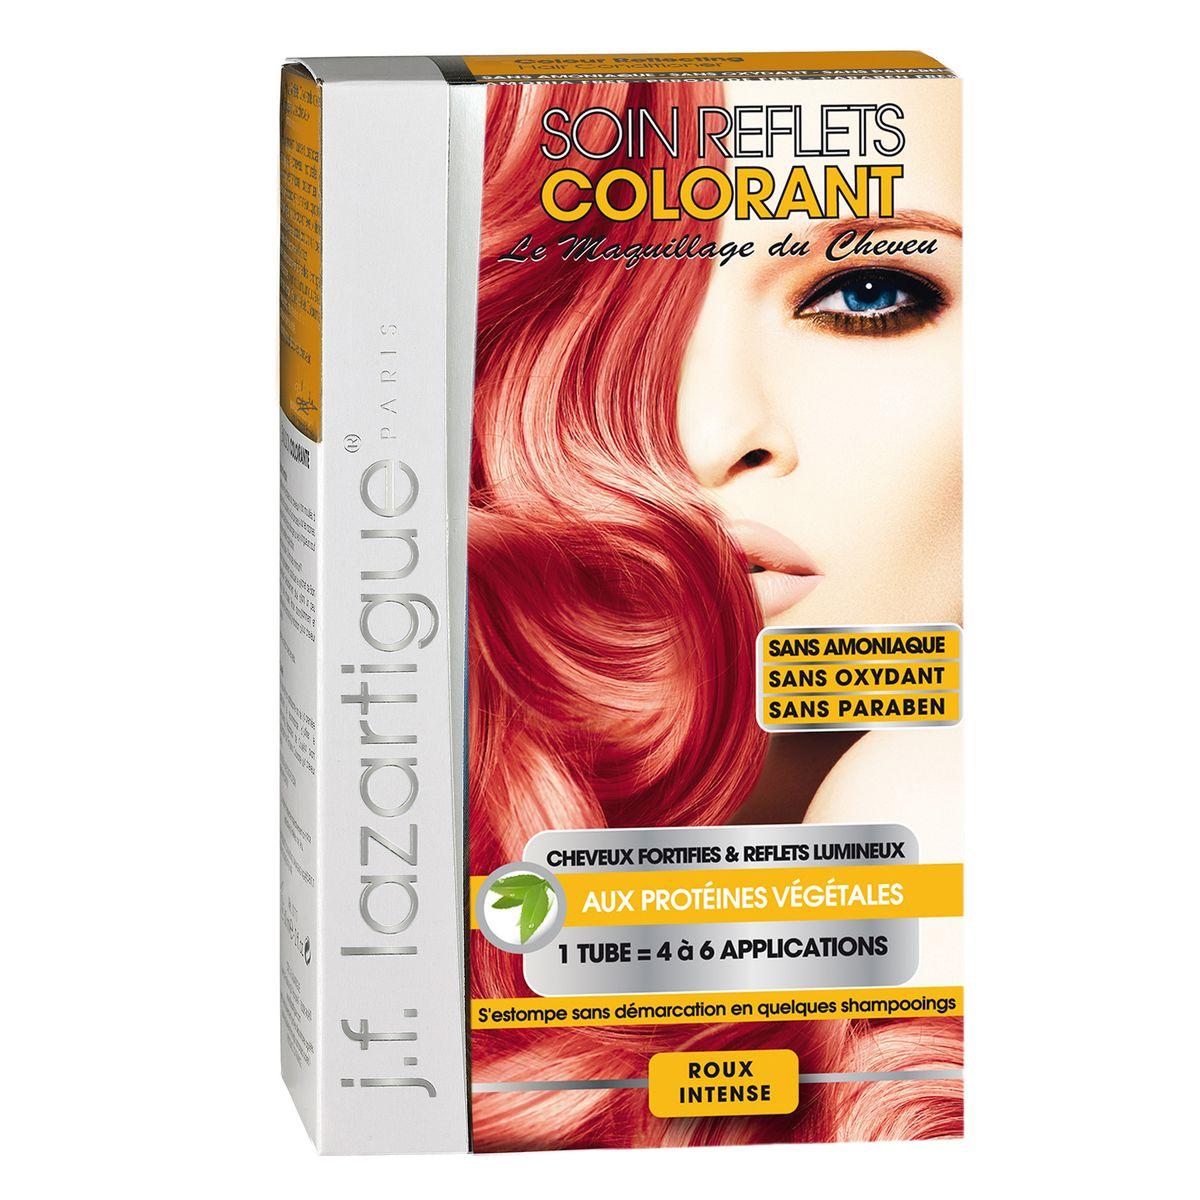 J.F.Lazartigue Оттеночный кондиционер для волос Глубокий рыжий 100 мл61631Оттеночный кондиционер J.F.LAZARTIGUE – это лечебный макияж для Ваших волос. Два эффекта: кондиционирование волос и легкий оттенок. Особенности: придает новый или более теплый (или холодный) оттенок, делает тон темнее или акцентирует цвет, оживляет естественный цвет или придает яркость тусклым и выцветшим на солнце волосам. Закрашивает небольшой процент седины! После мытья волос шампунем (3-6 раз) смывается. Для достижения индивидуального оттенка можно смешать два разных кондиционера: добавить к выбранному ТЕМНЫЙ РЫЖИЙ (Auburn), МЕДНЫЙ (Copper) и т.п. Не осветляет волосы. Не содержит аммиака и перекиси водорода. Не содержит парабенов. Не предназначен для окрашивания бровей и ресниц.